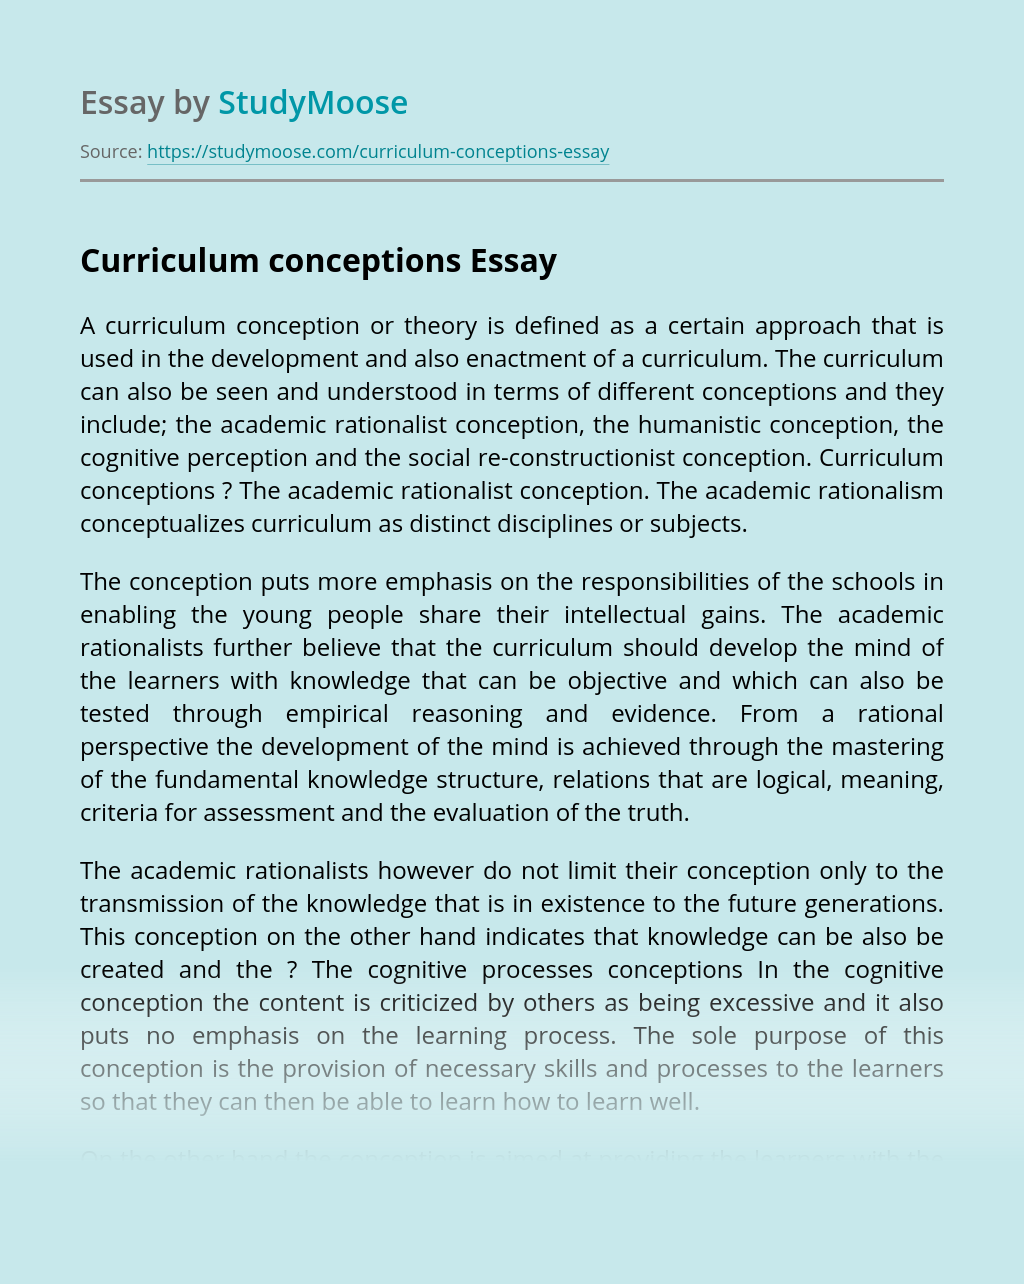 Curriculum conceptions